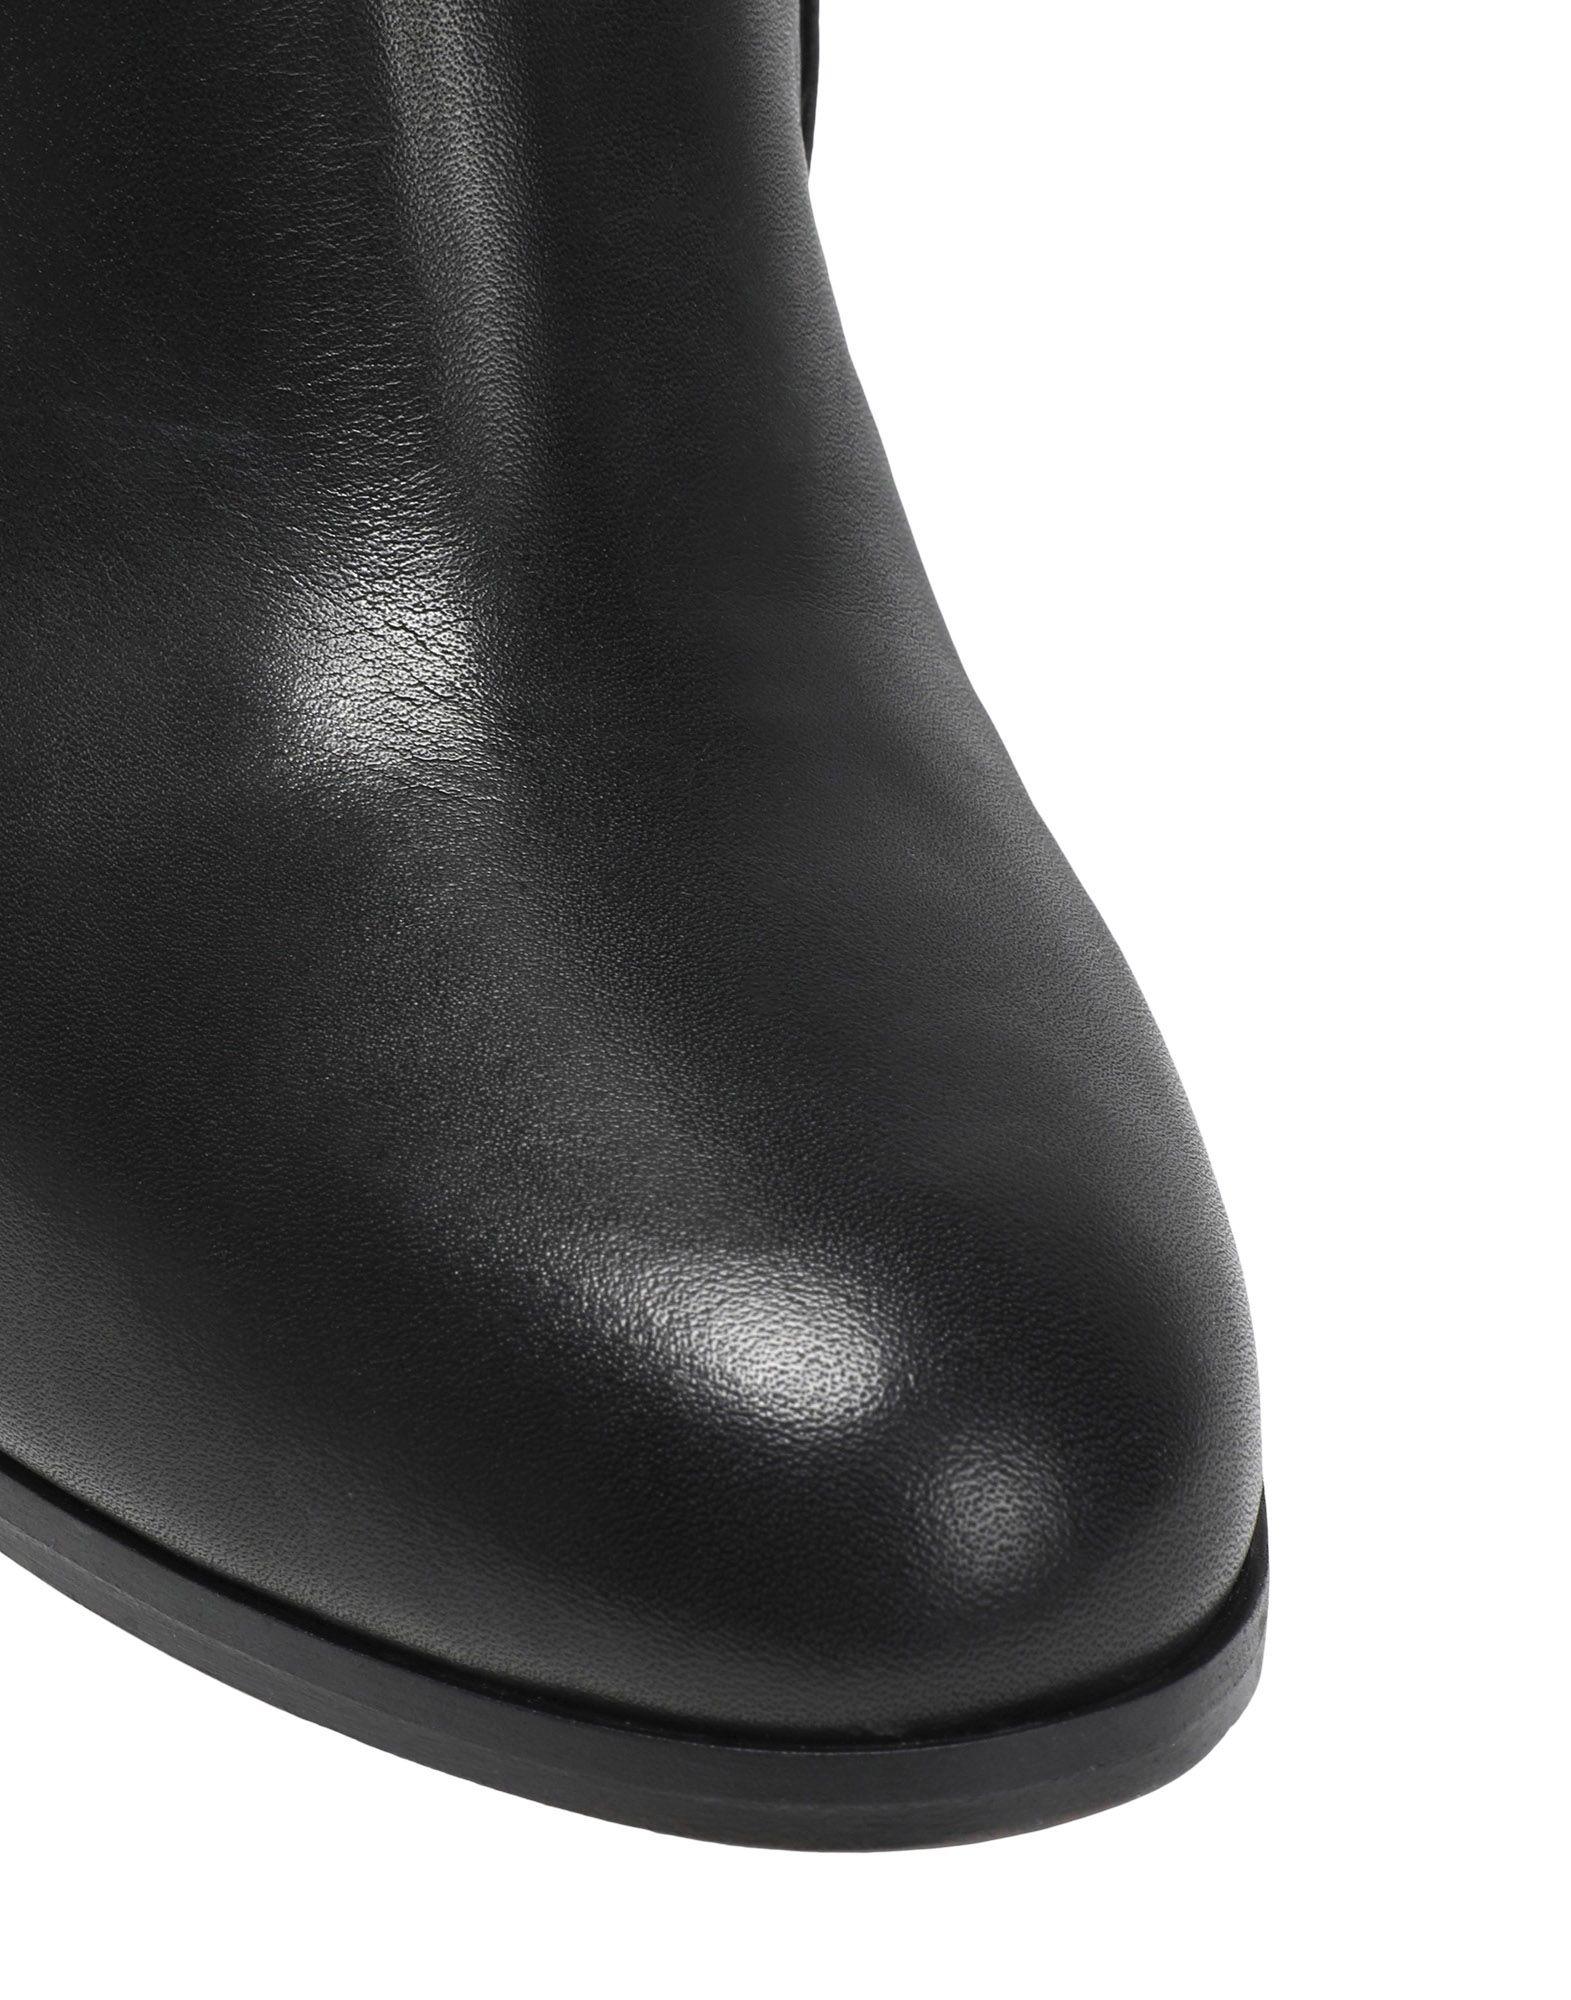 Vanessa Seward gut Stiefel Damen  11530168XMGünstige gut Seward aussehende Schuhe 4b66fc